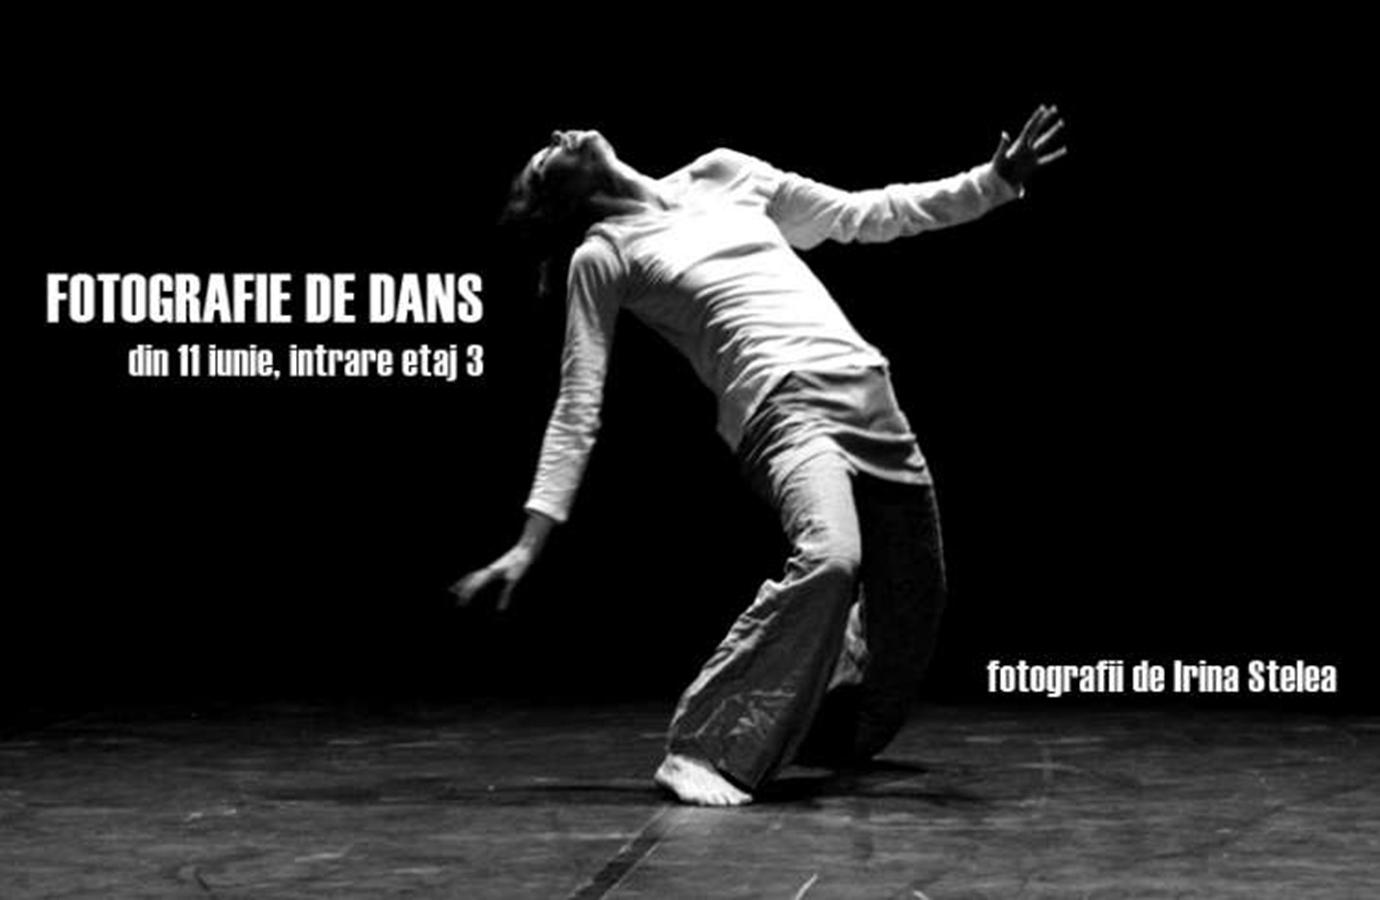 Fotografie de dans